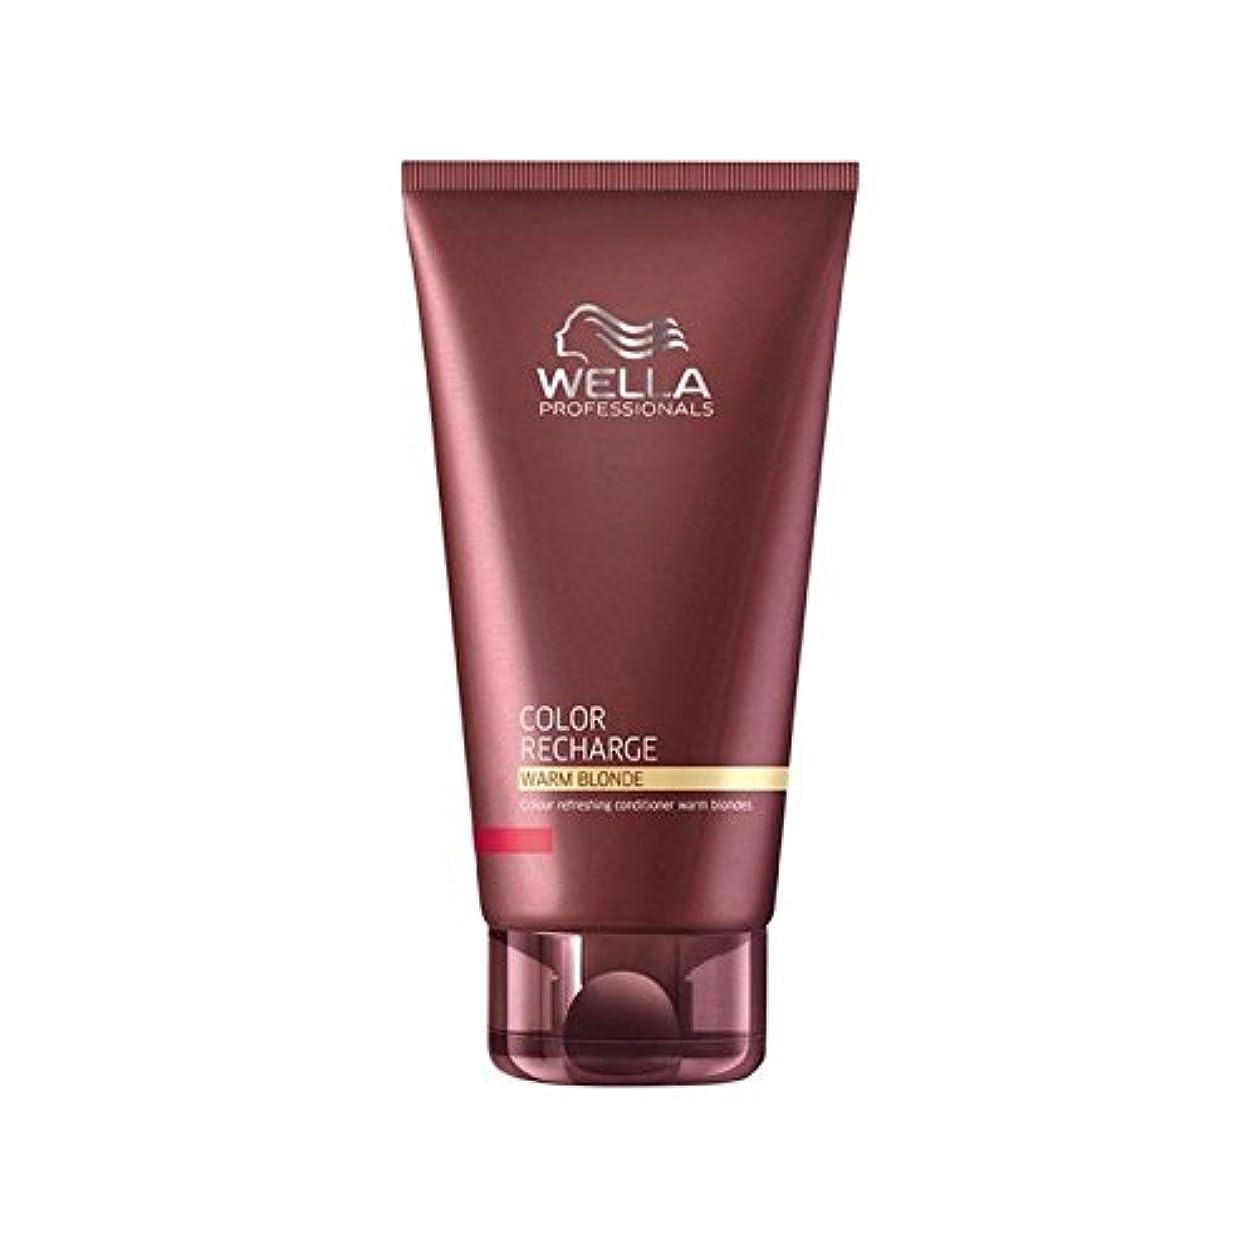 観光に行く物語ラッシュウエラ専門家のカラー再充電コンディショナー暖かいブロンド(200ミリリットル) x2 - Wella Professionals Color Recharge Conditioner Warm Blonde (200ml...